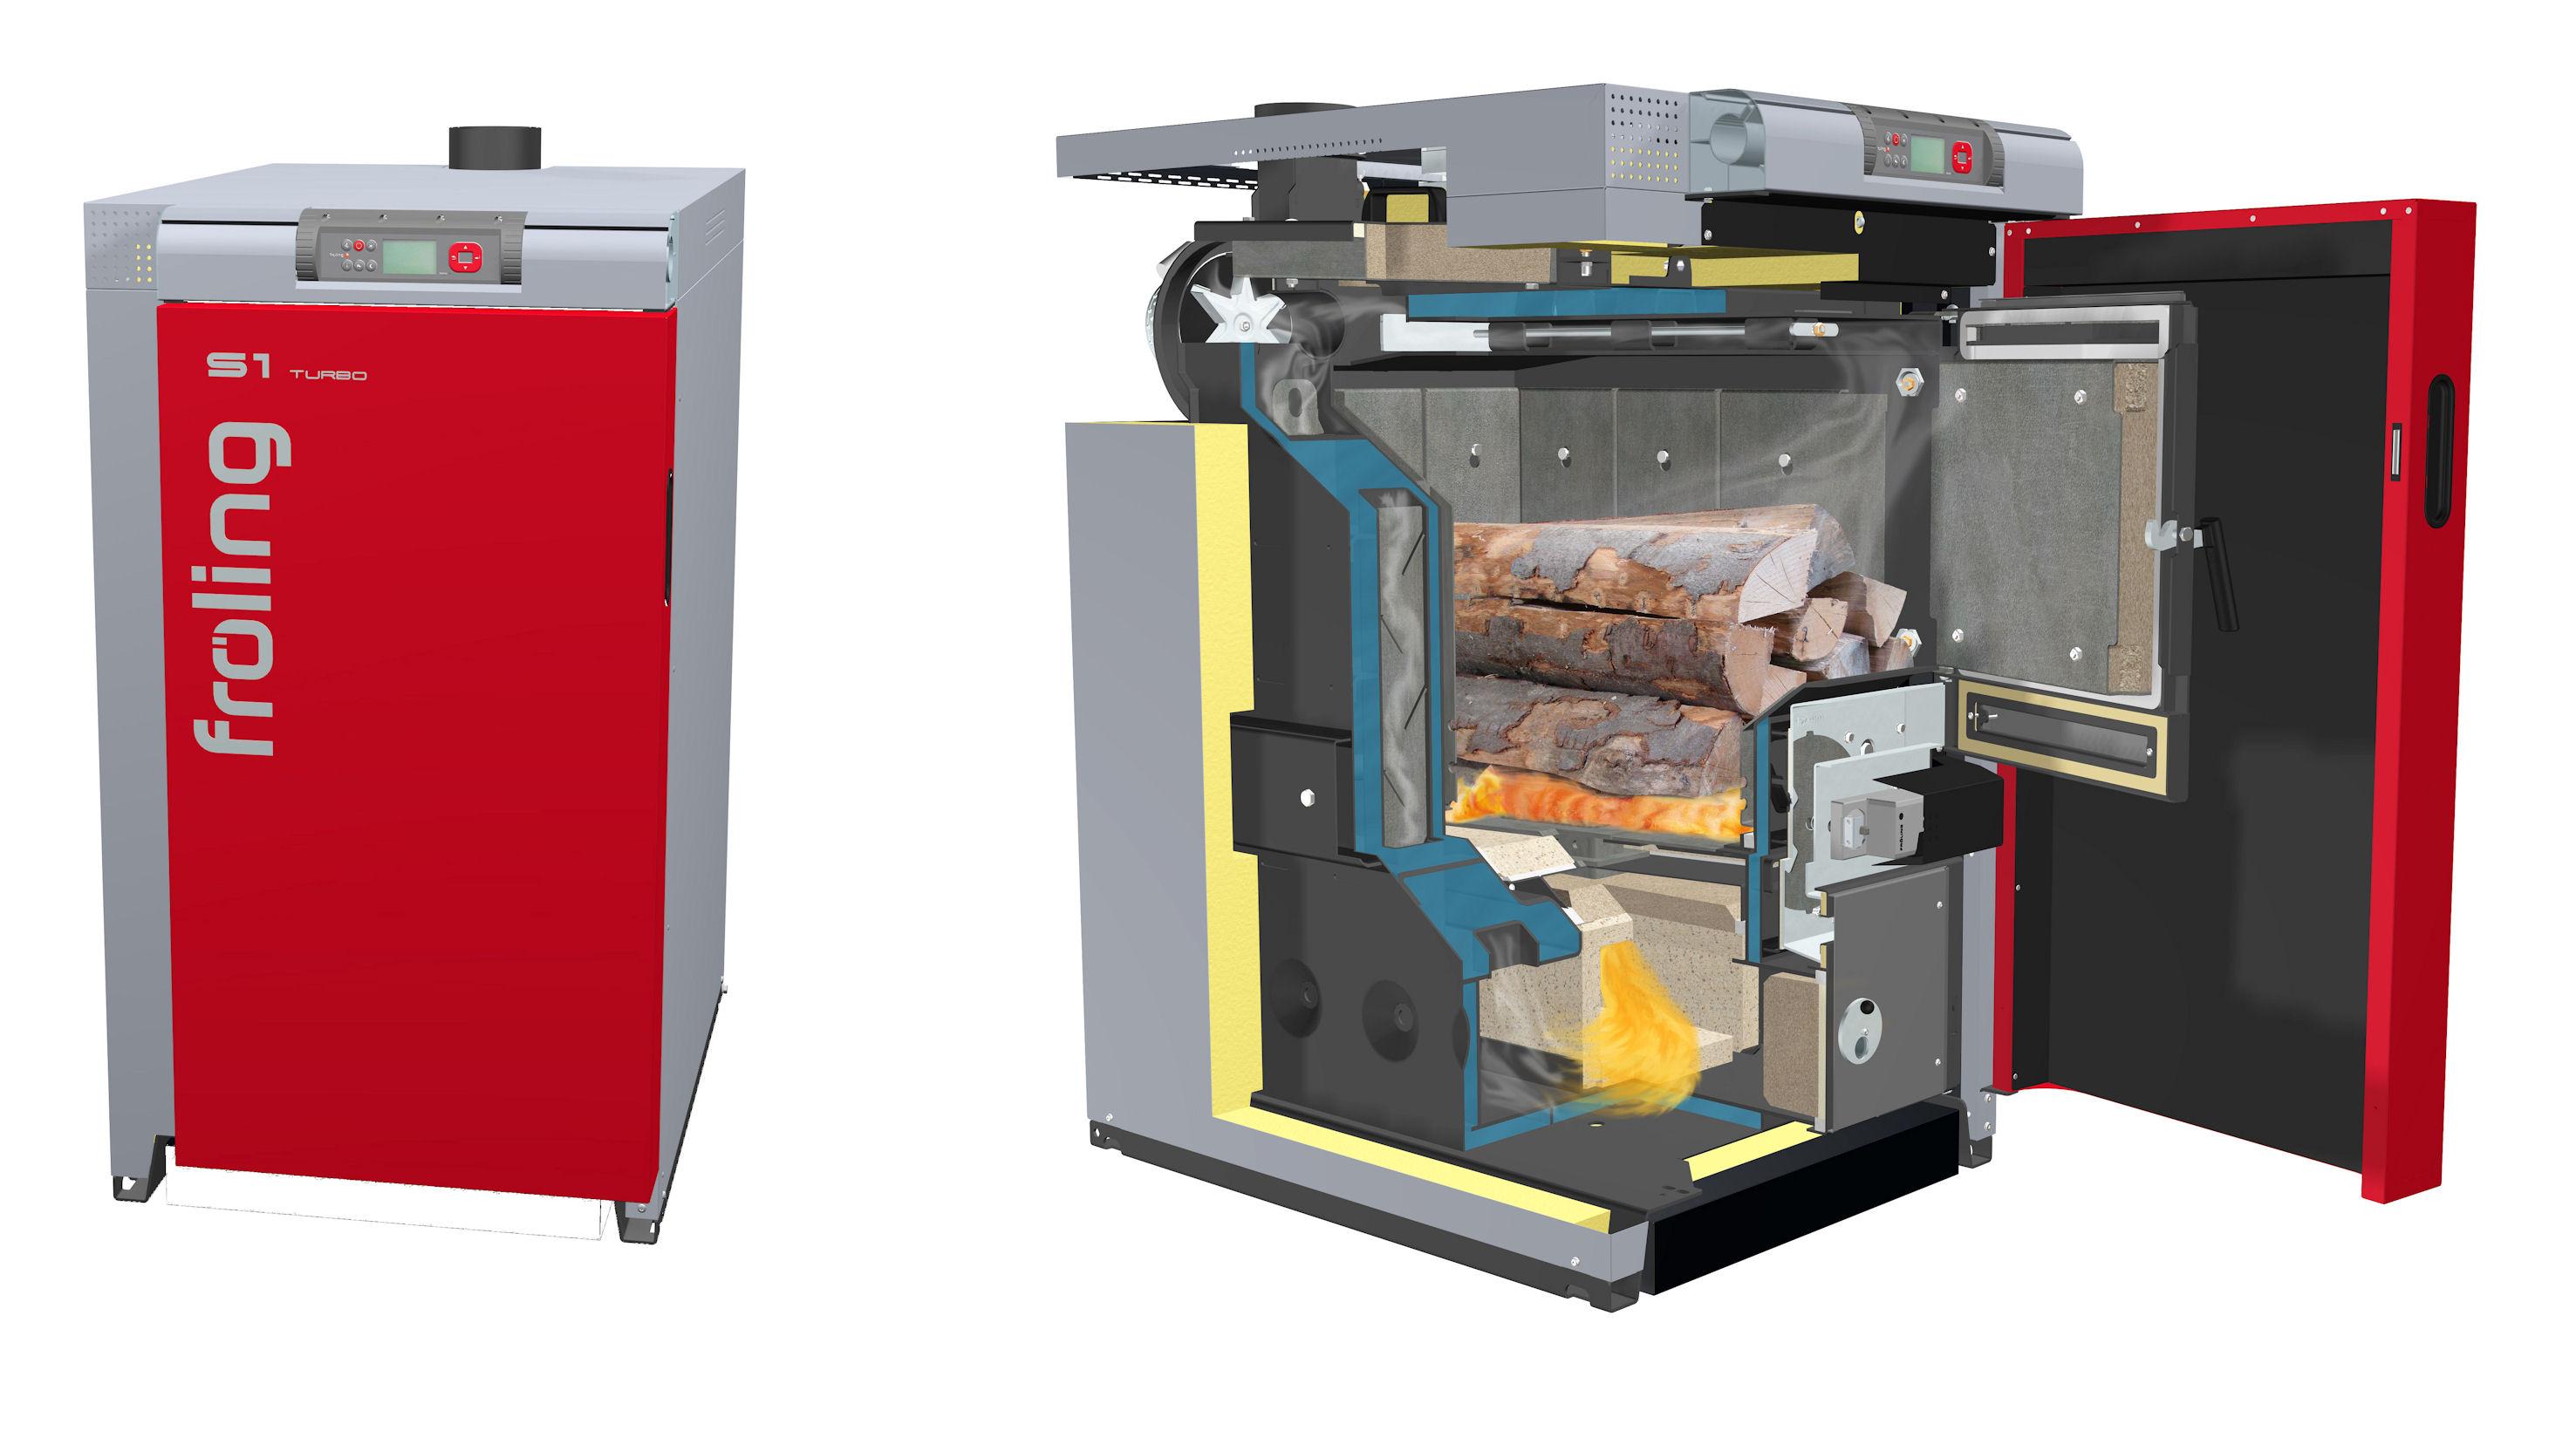 Riscaldare con le biomasse rci riscaldamento - Le migliori stufe a pellet quali sono ...